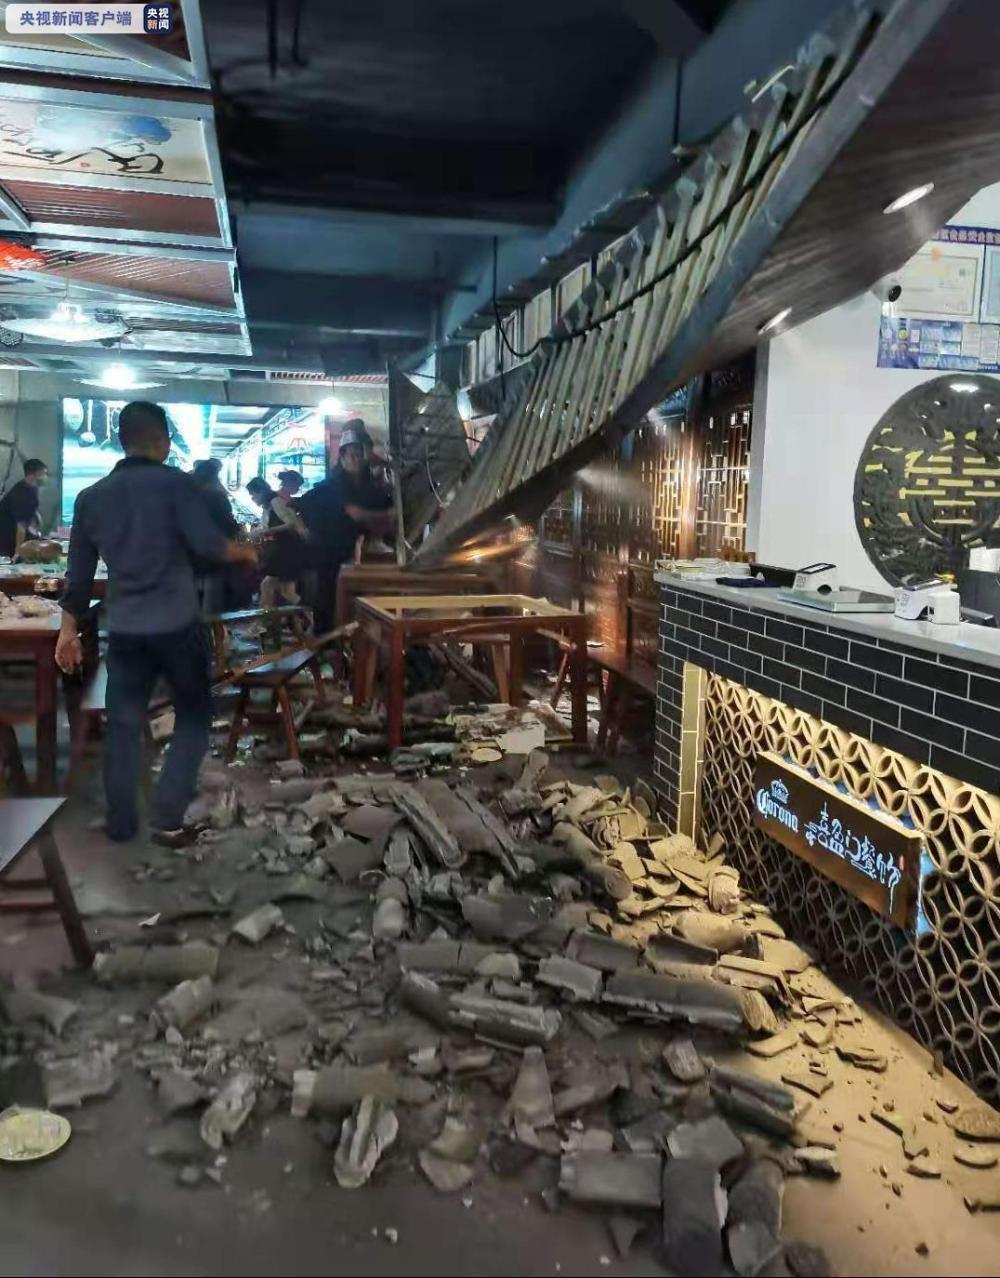 拉了下网线吊顶塌了 福建漳州一餐饮店坍塌数人送医